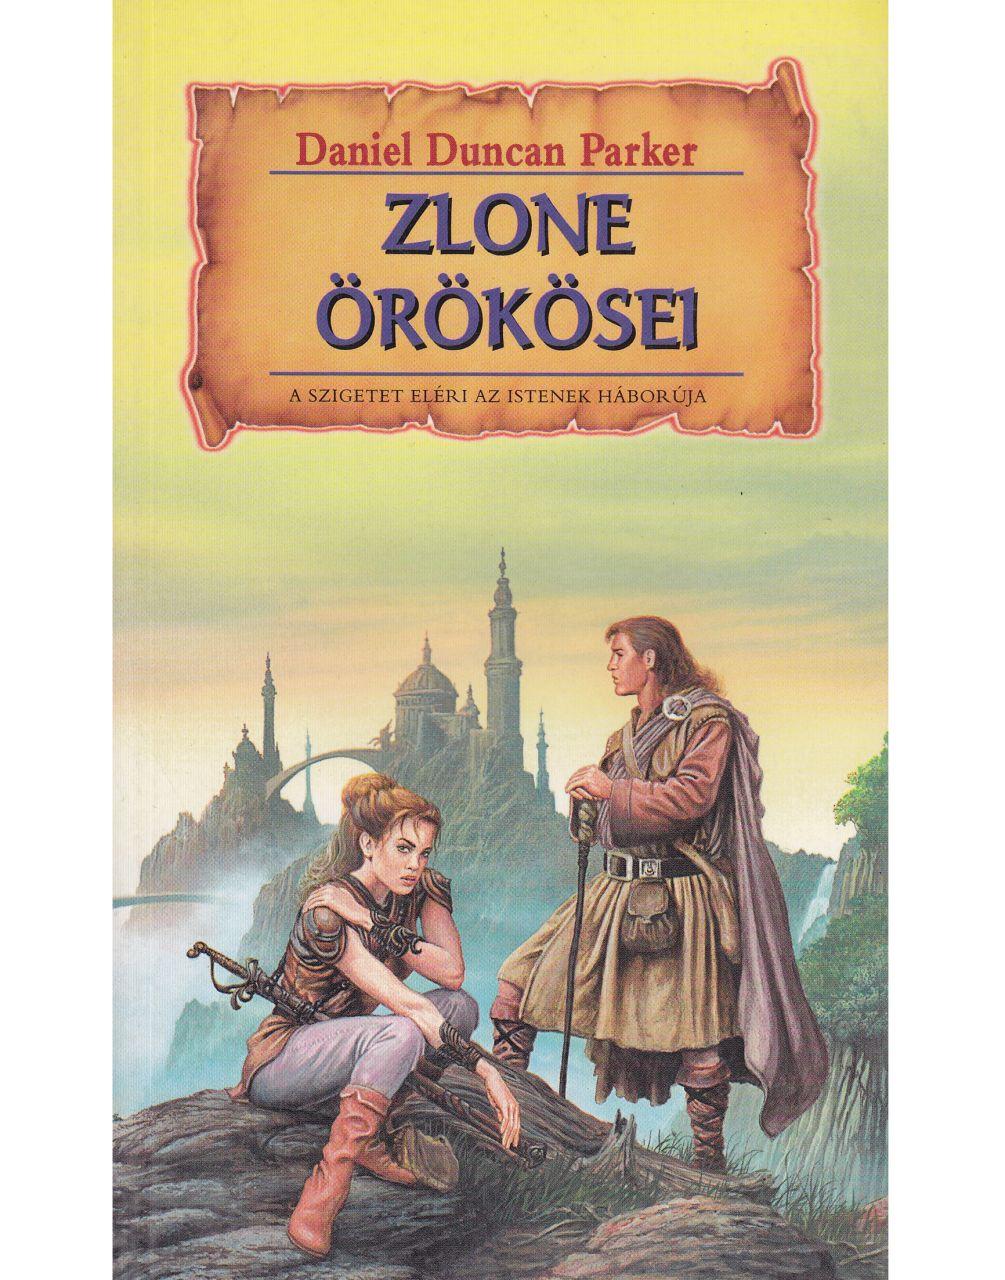 Zlone örökösei (könyv)